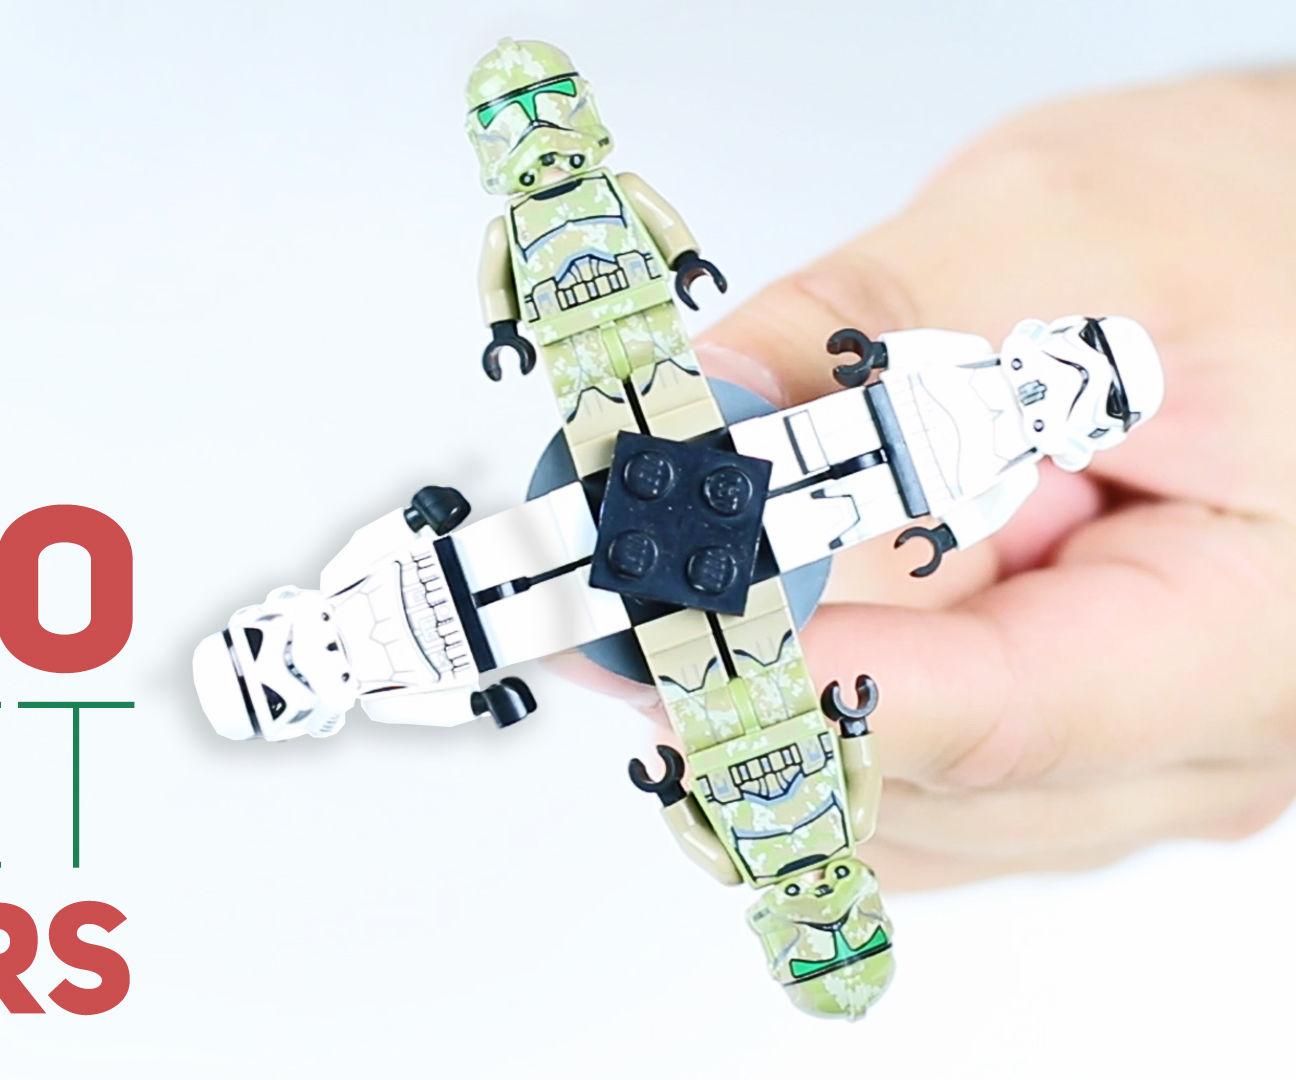 3 LEGO Fidget Spinners